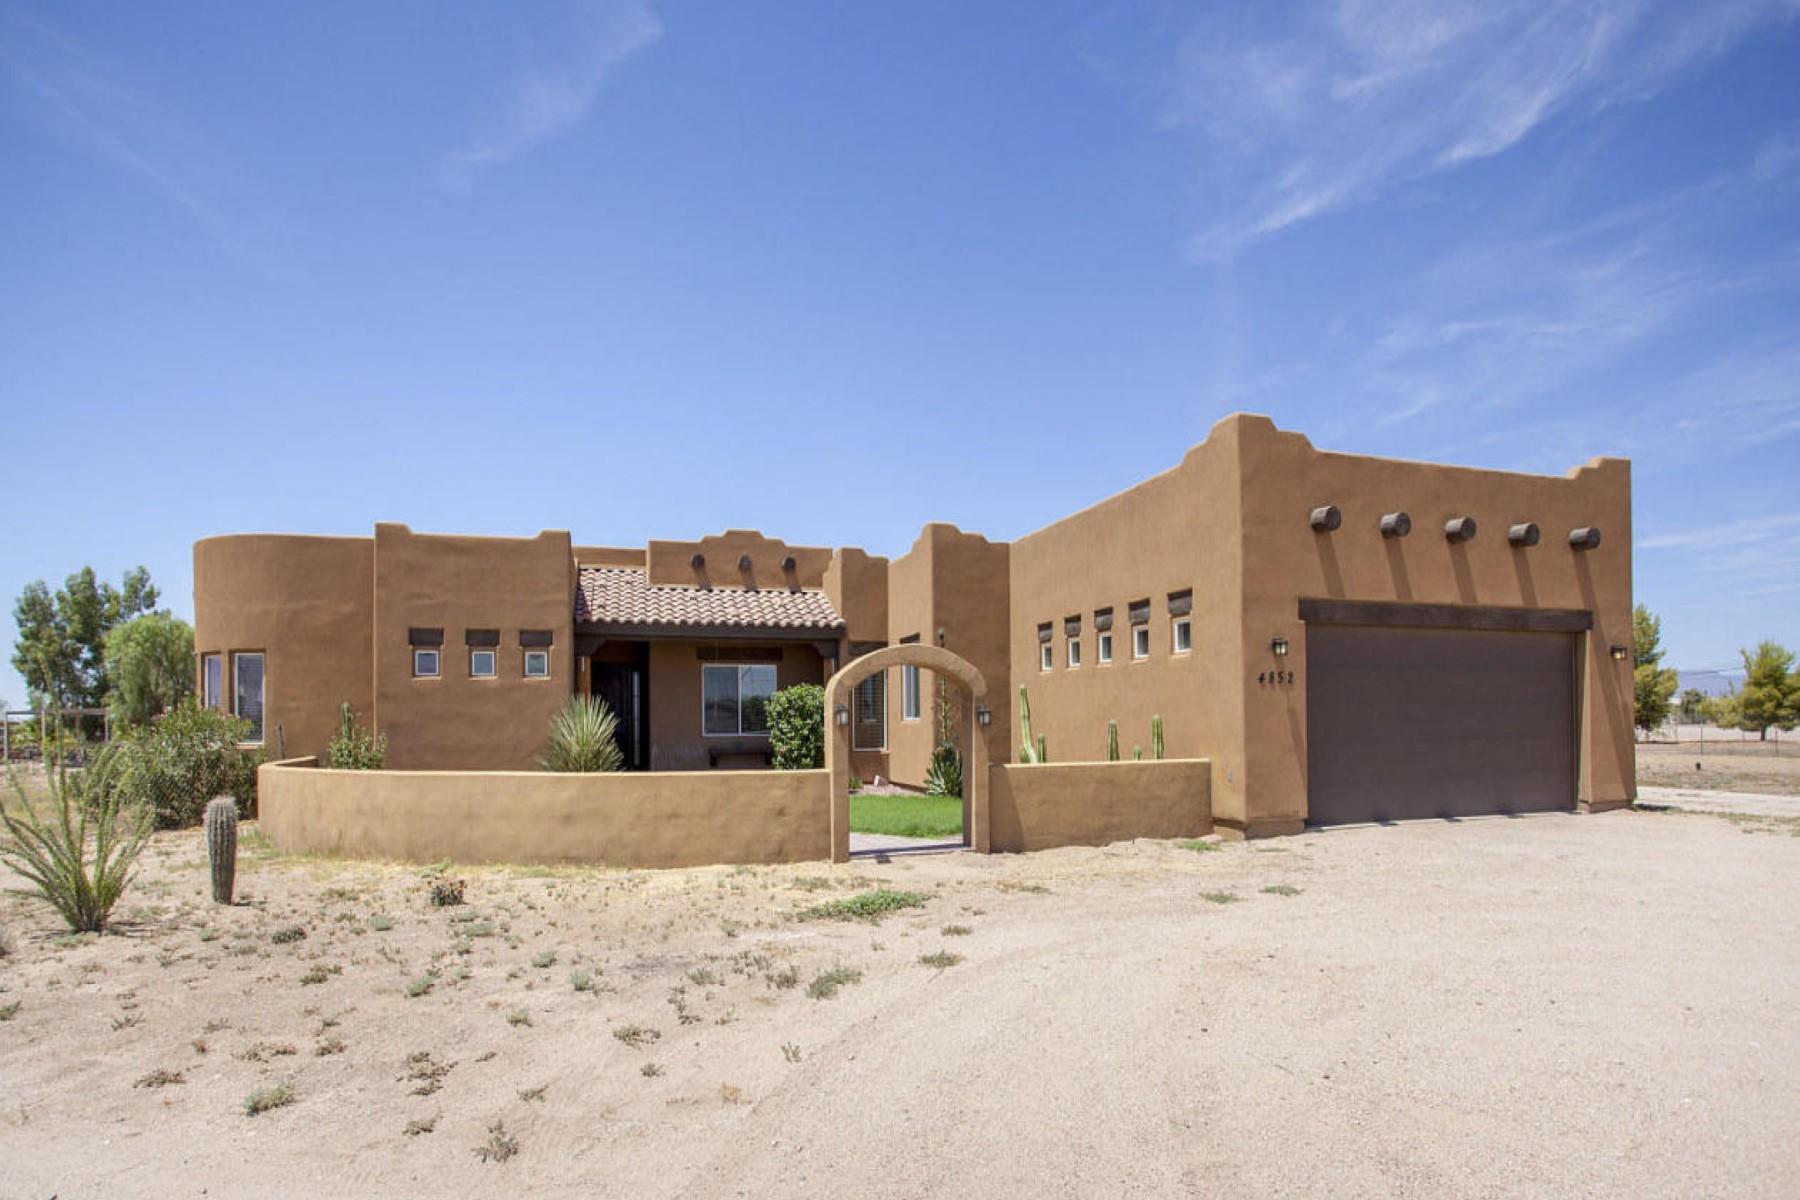 Casa para uma família para Venda às Wonderful custom home on over 1.5 acre lot. 4852 E ASCOT DR San Tan Valley, Arizona 85140 Estados Unidos